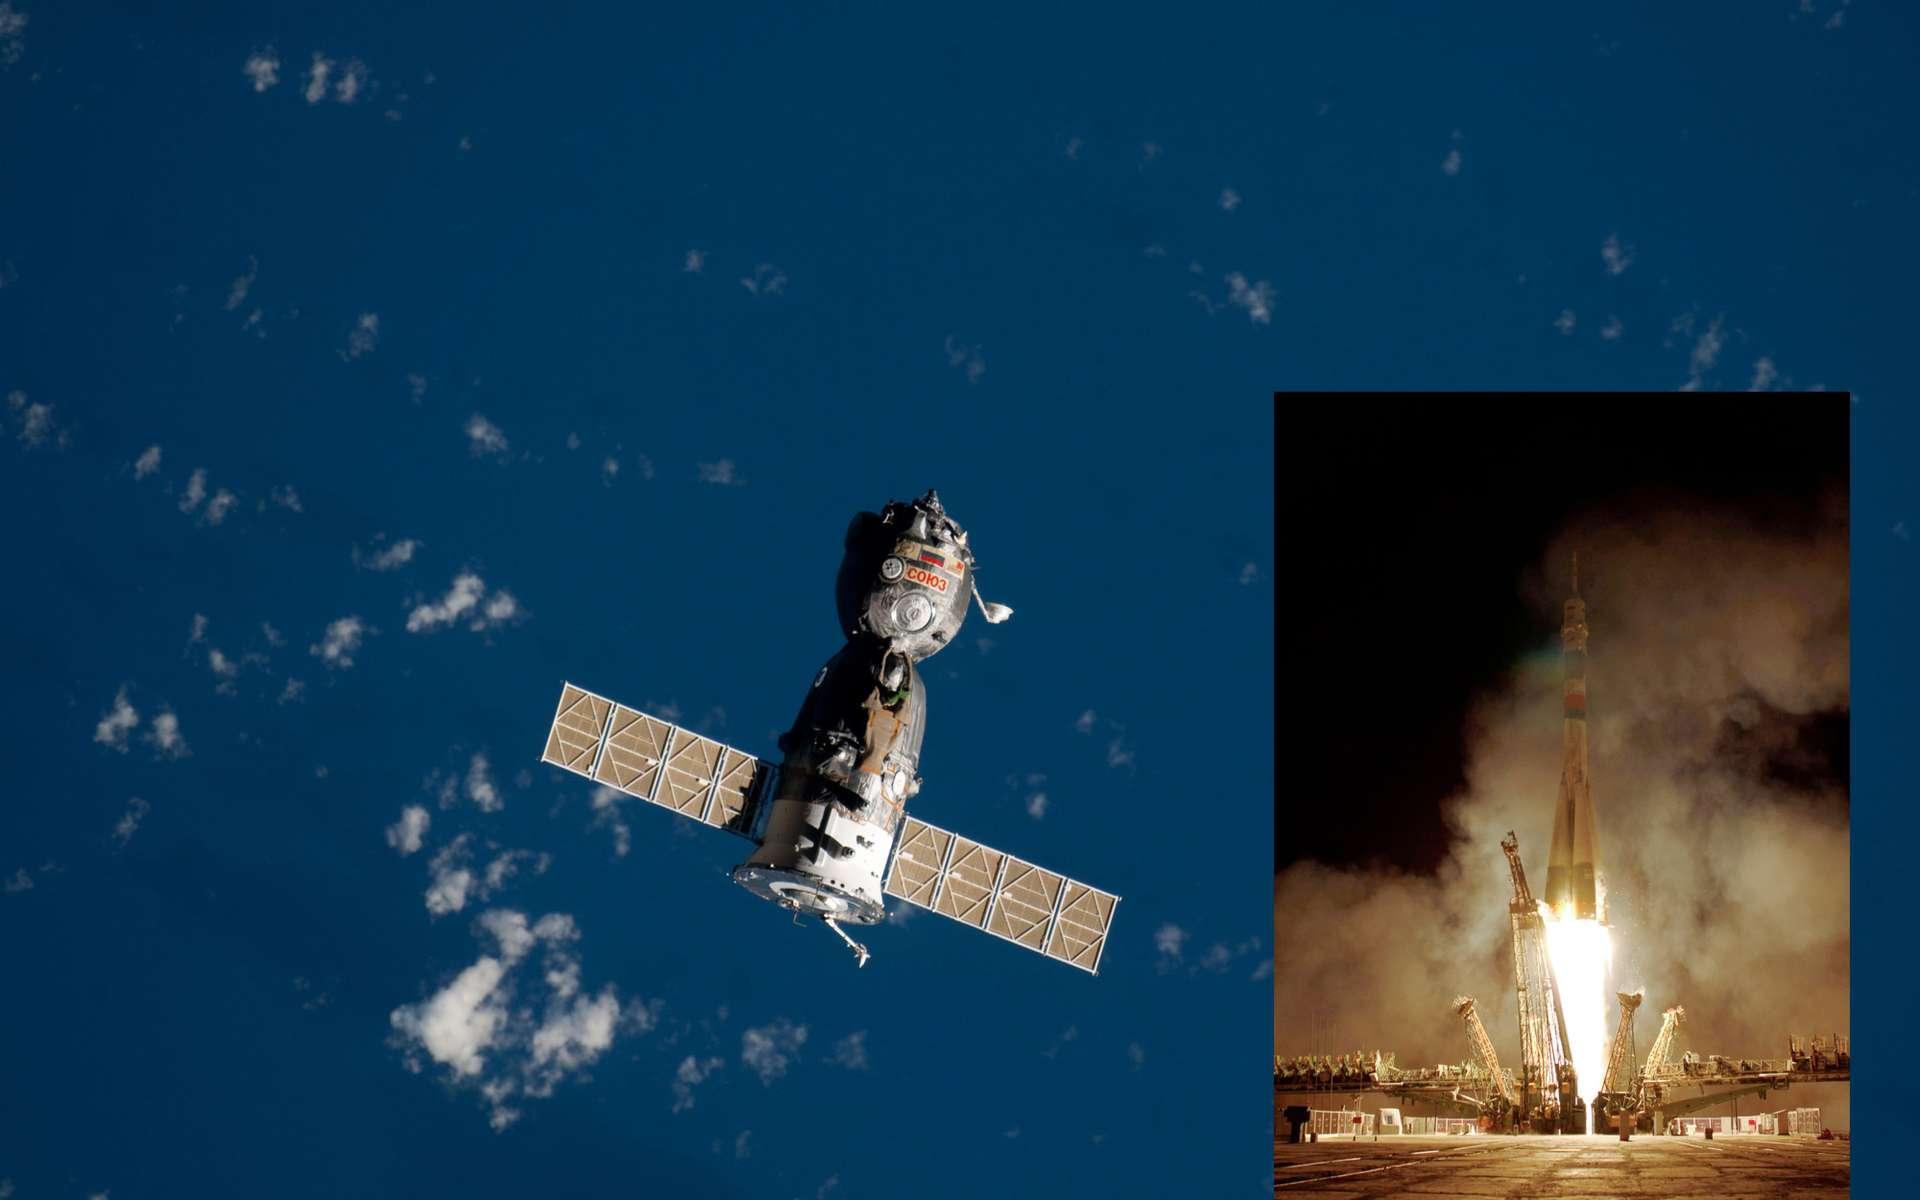 Décollage du lanceur Soyuz modernisé, à destination de la Station spatiale, avec à son bord 3 astronautes. Le véhicule spatial s'est amarré à l'ISS le 10 octobre. © Nasa